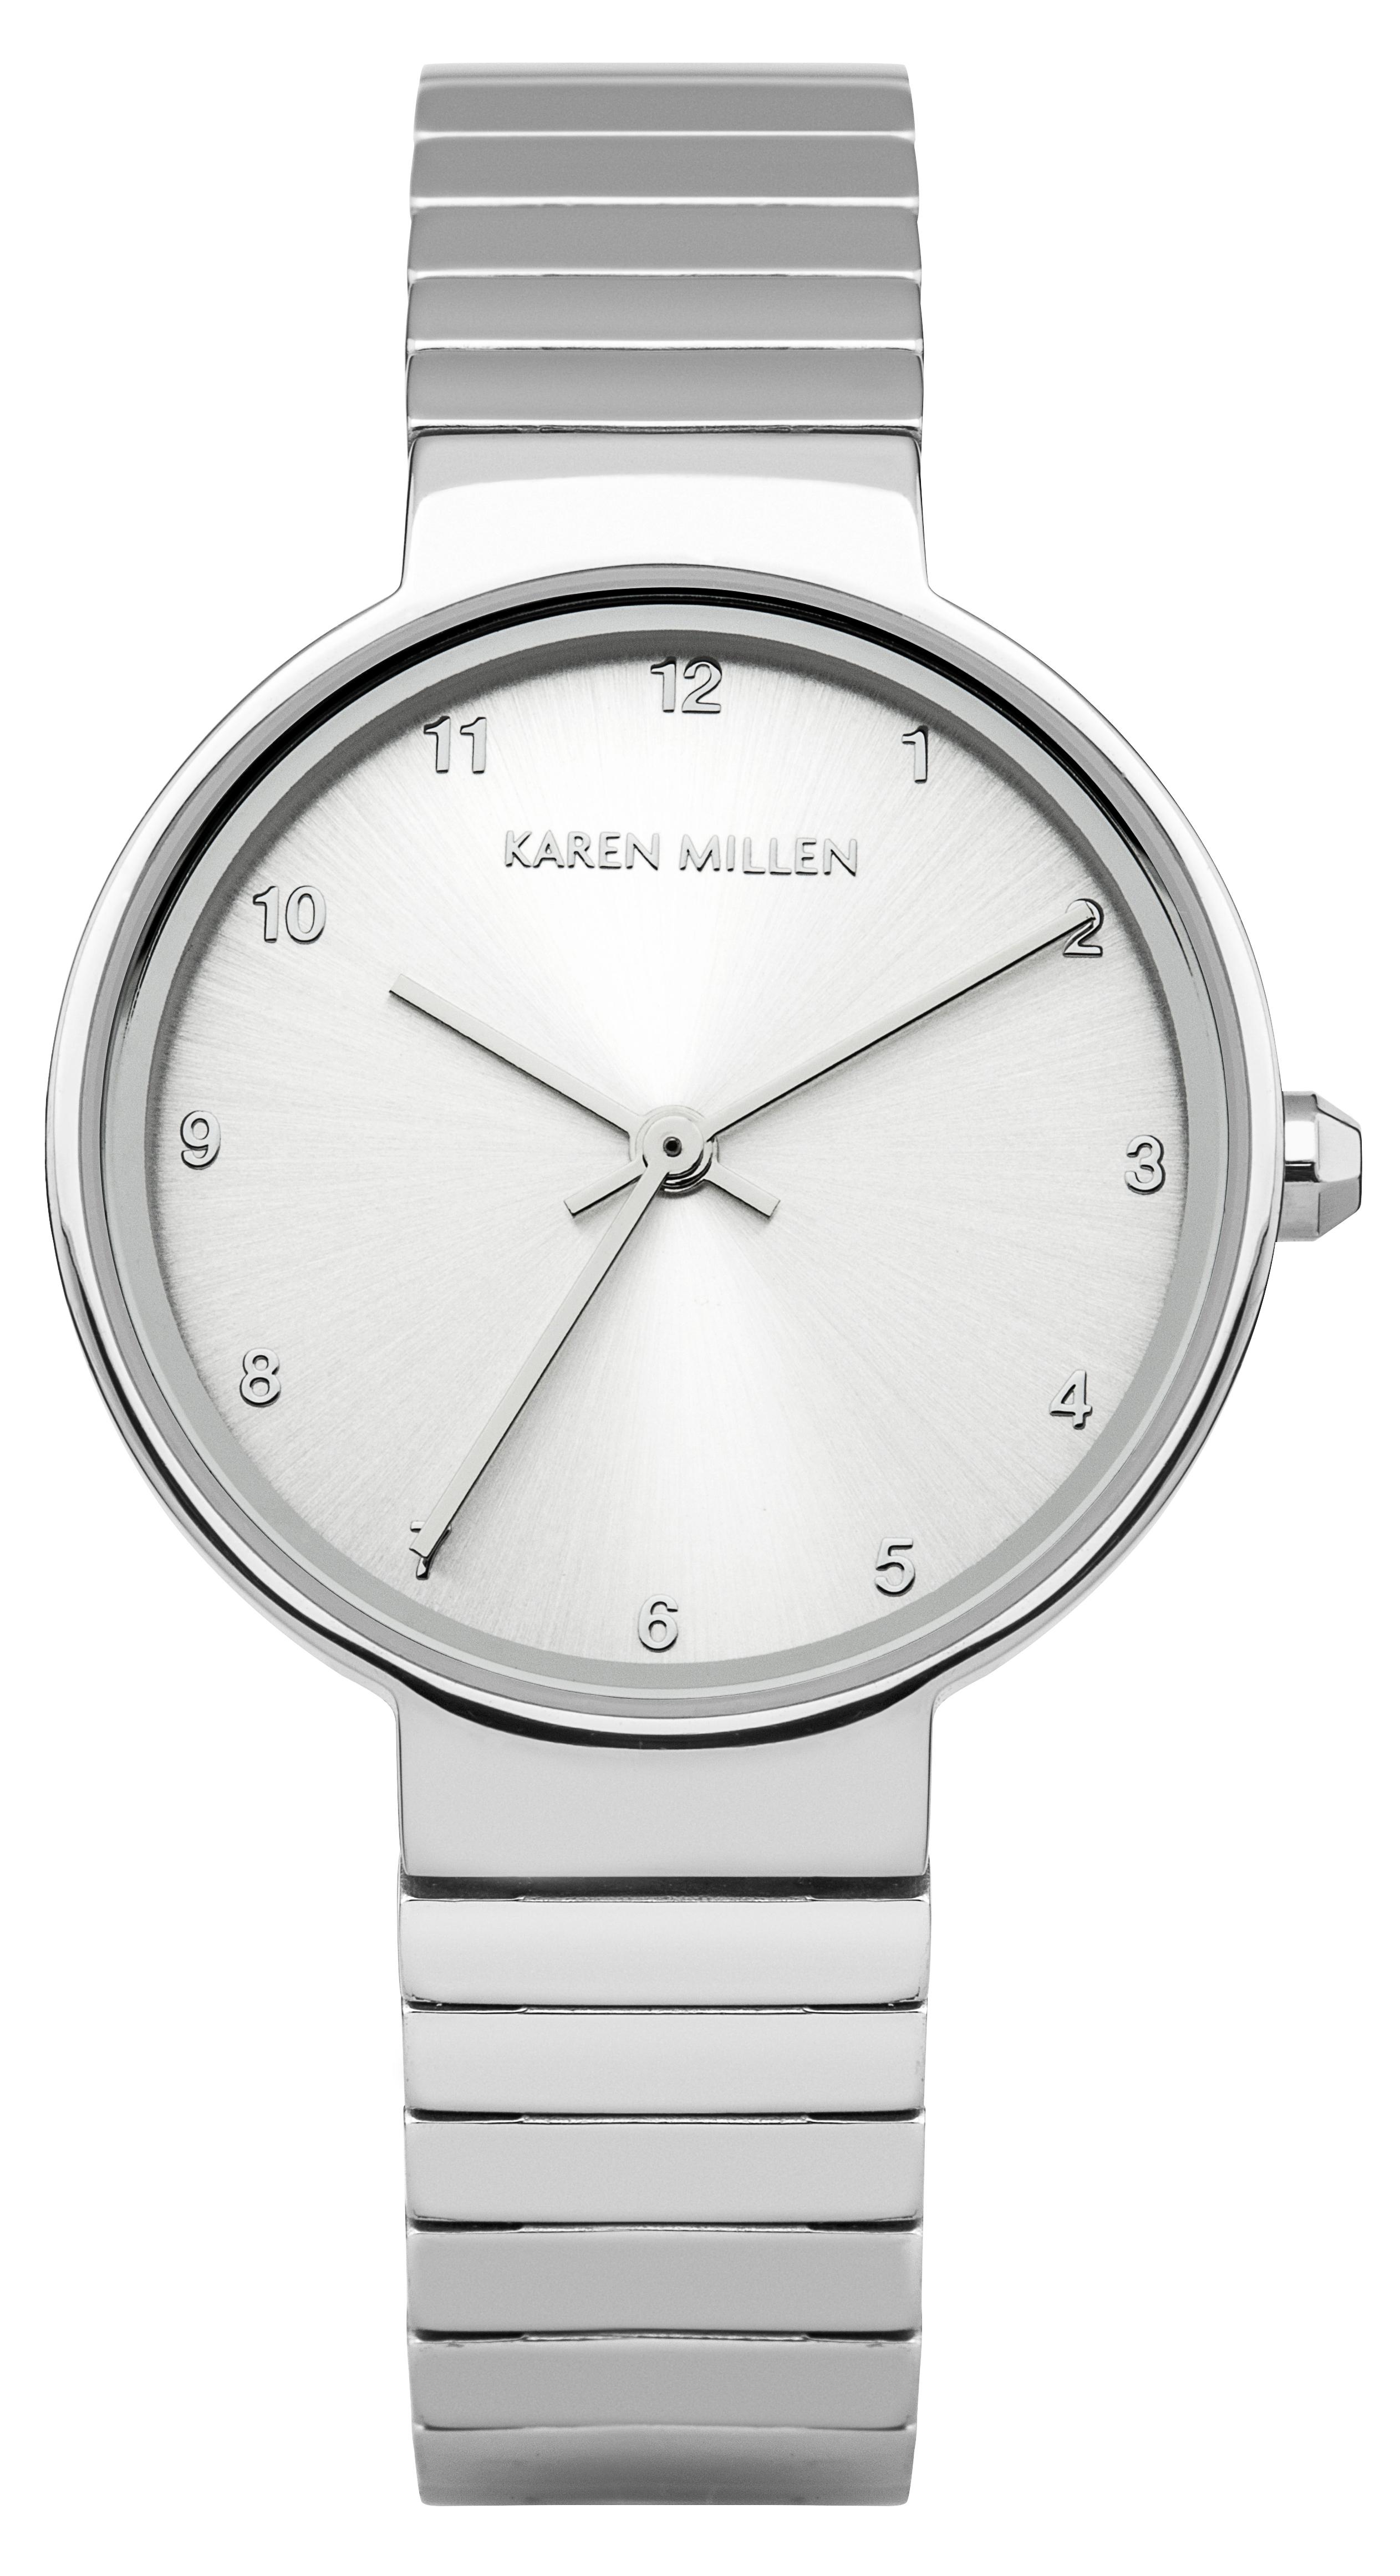 Karen Millen | KM131SM